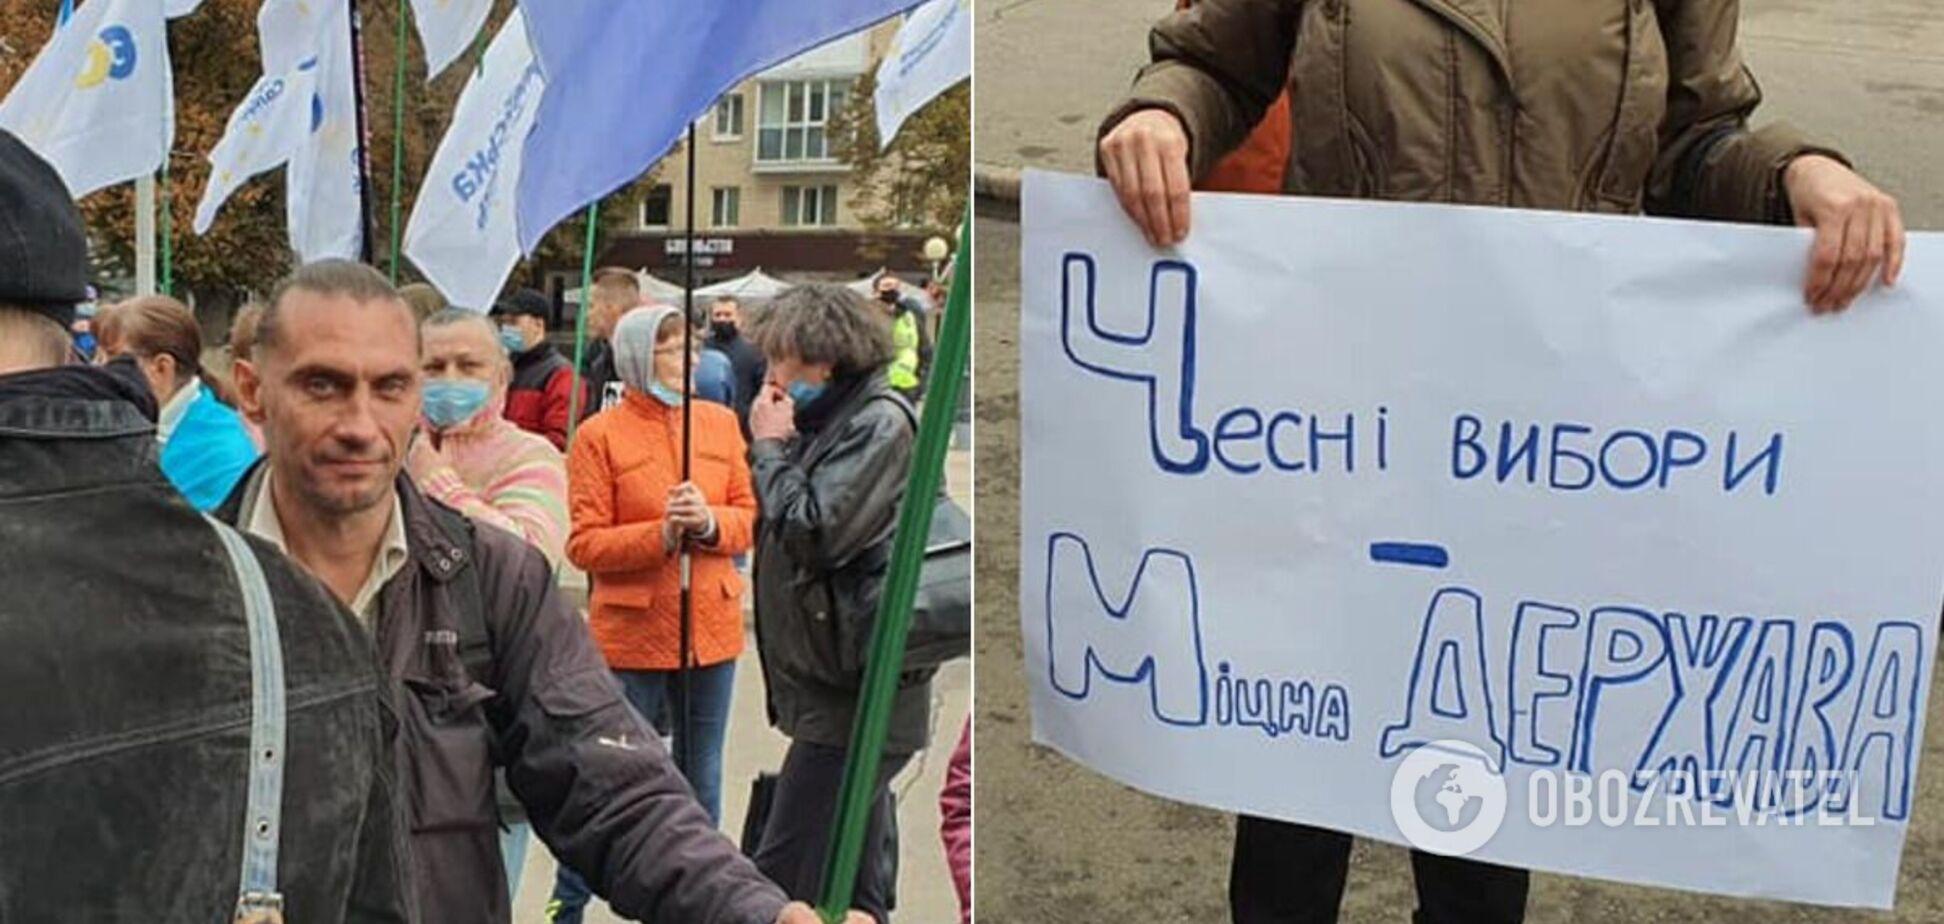 'ЄС' оскаржила відмову у реєстрації кандидатів у Кременчуці: під судом зібралася акція протесту